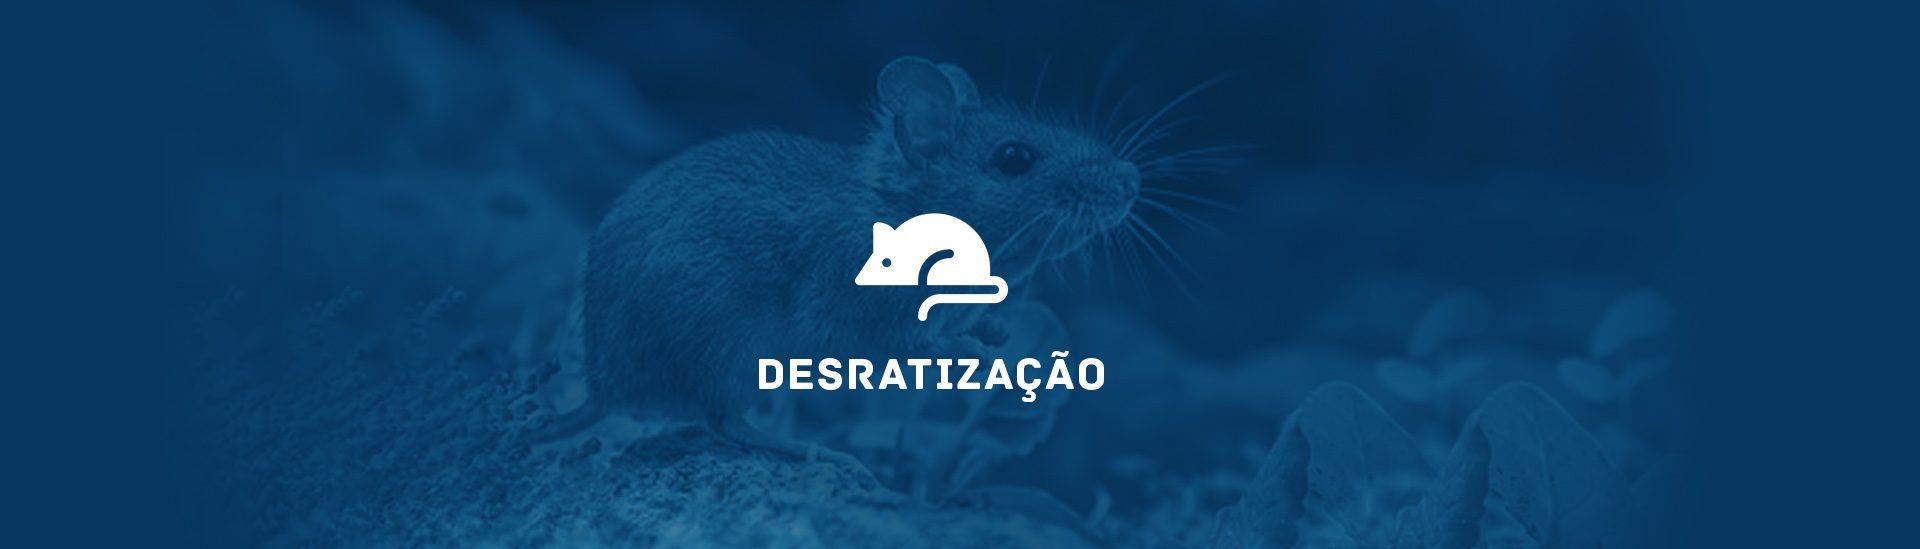 2.serv_desratizacao_1920px